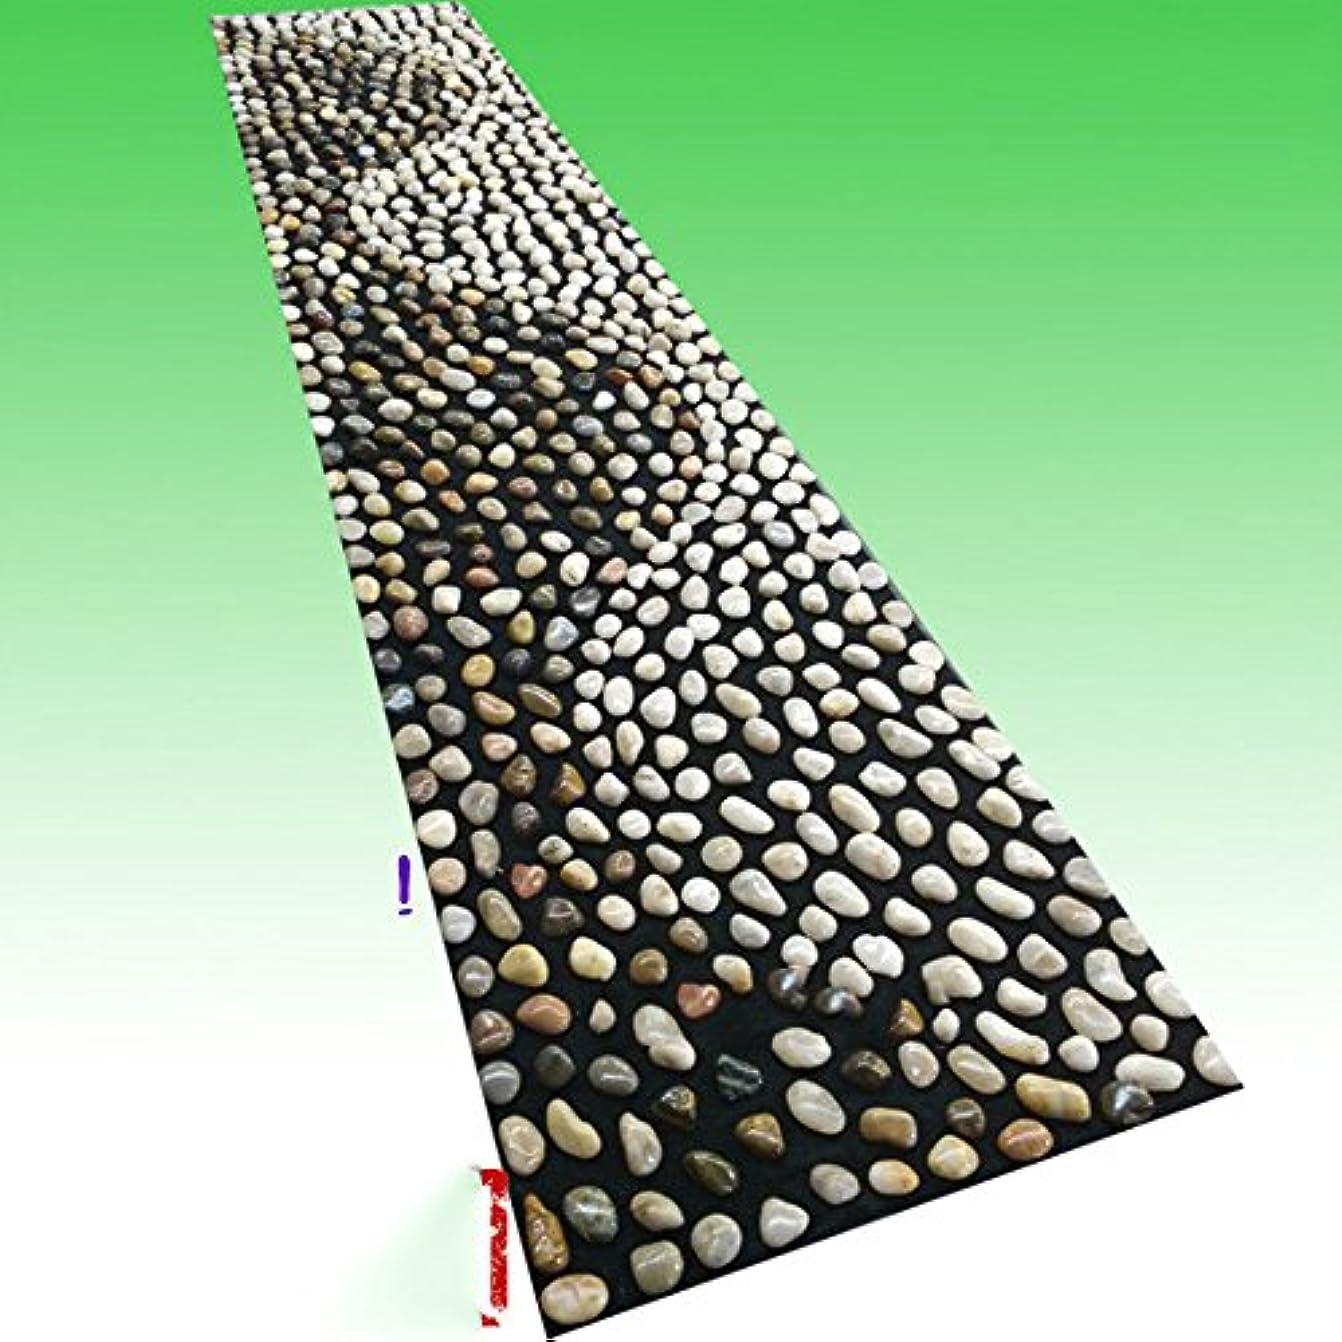 少し外向き分子足つぼ マット マッサージシート マッサージ 足裏 健康 ツボ刺激 折りたたみ ウォーキングマット 足裏マット 本物の健康 フットマッサージ 足のマッサージパッド 模造石畳の歩道